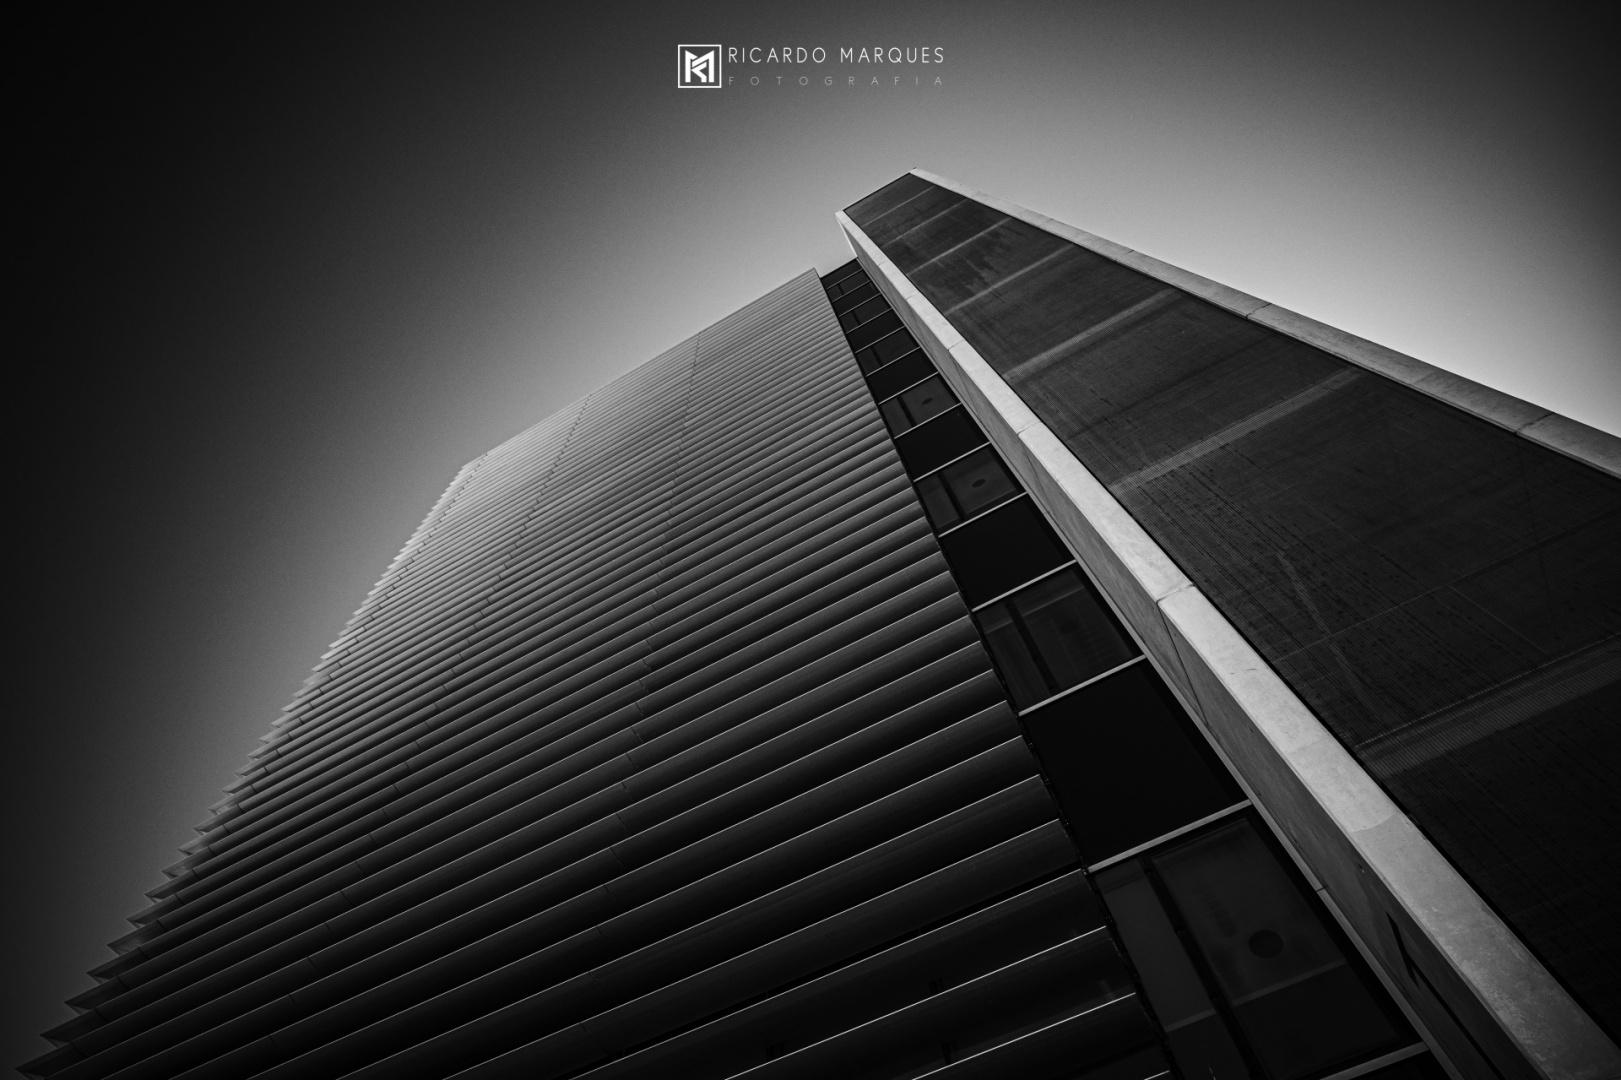 Arquitetura/Skyscrapers